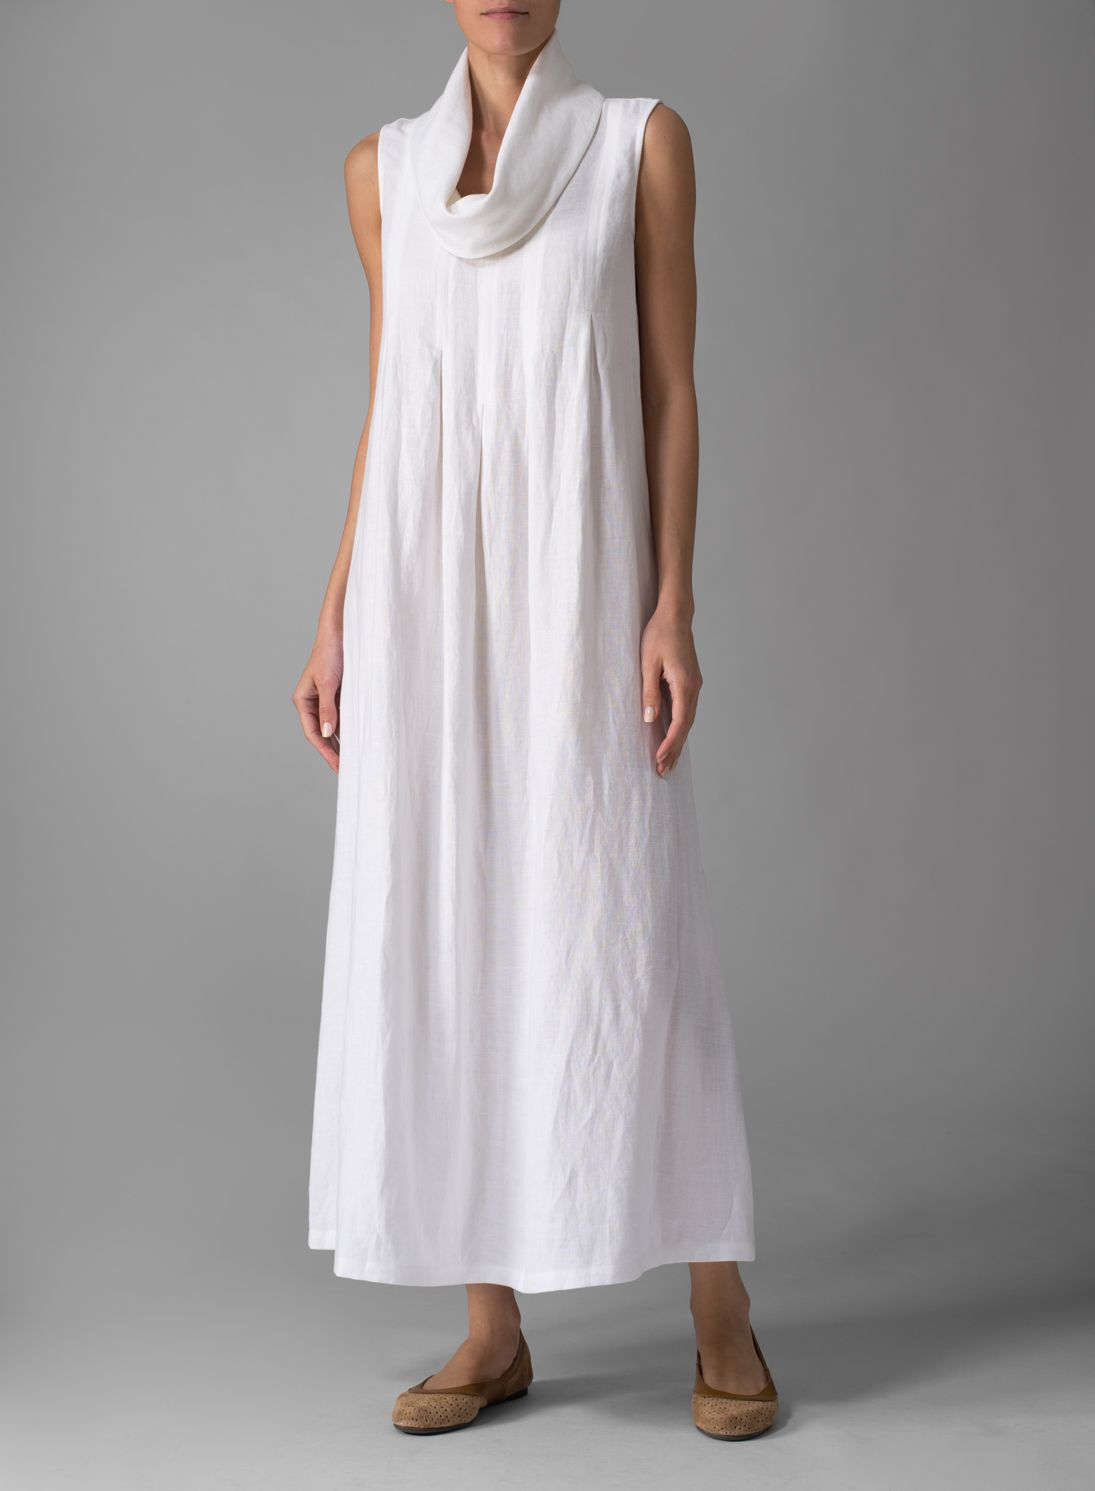 d8b43b28193 Linen Sleeveless Cowl Neck Long Dress